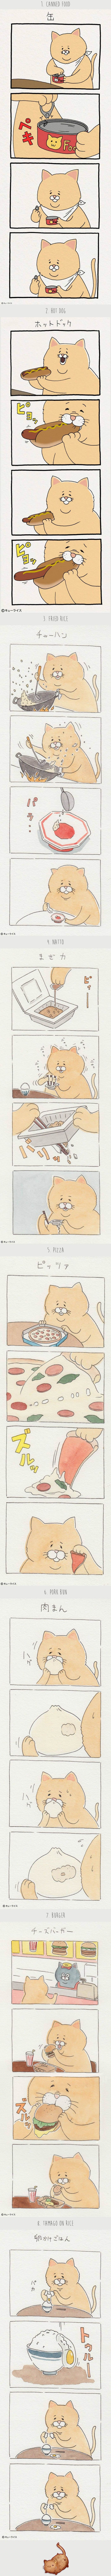 Fat cat's fail attempt on food